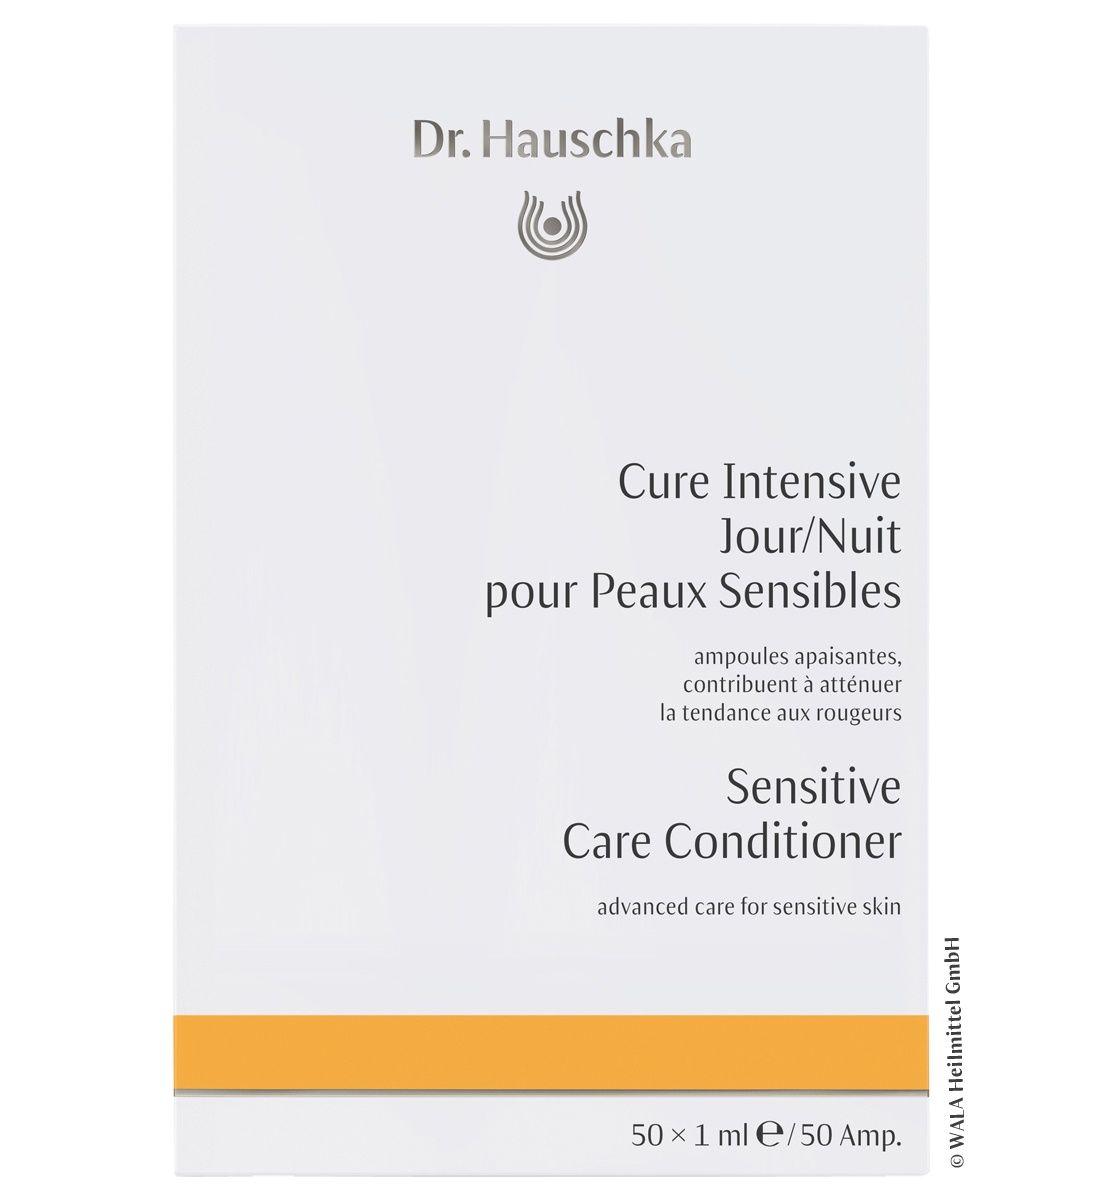 institut-paris-10-produits-dr-hauschka-6